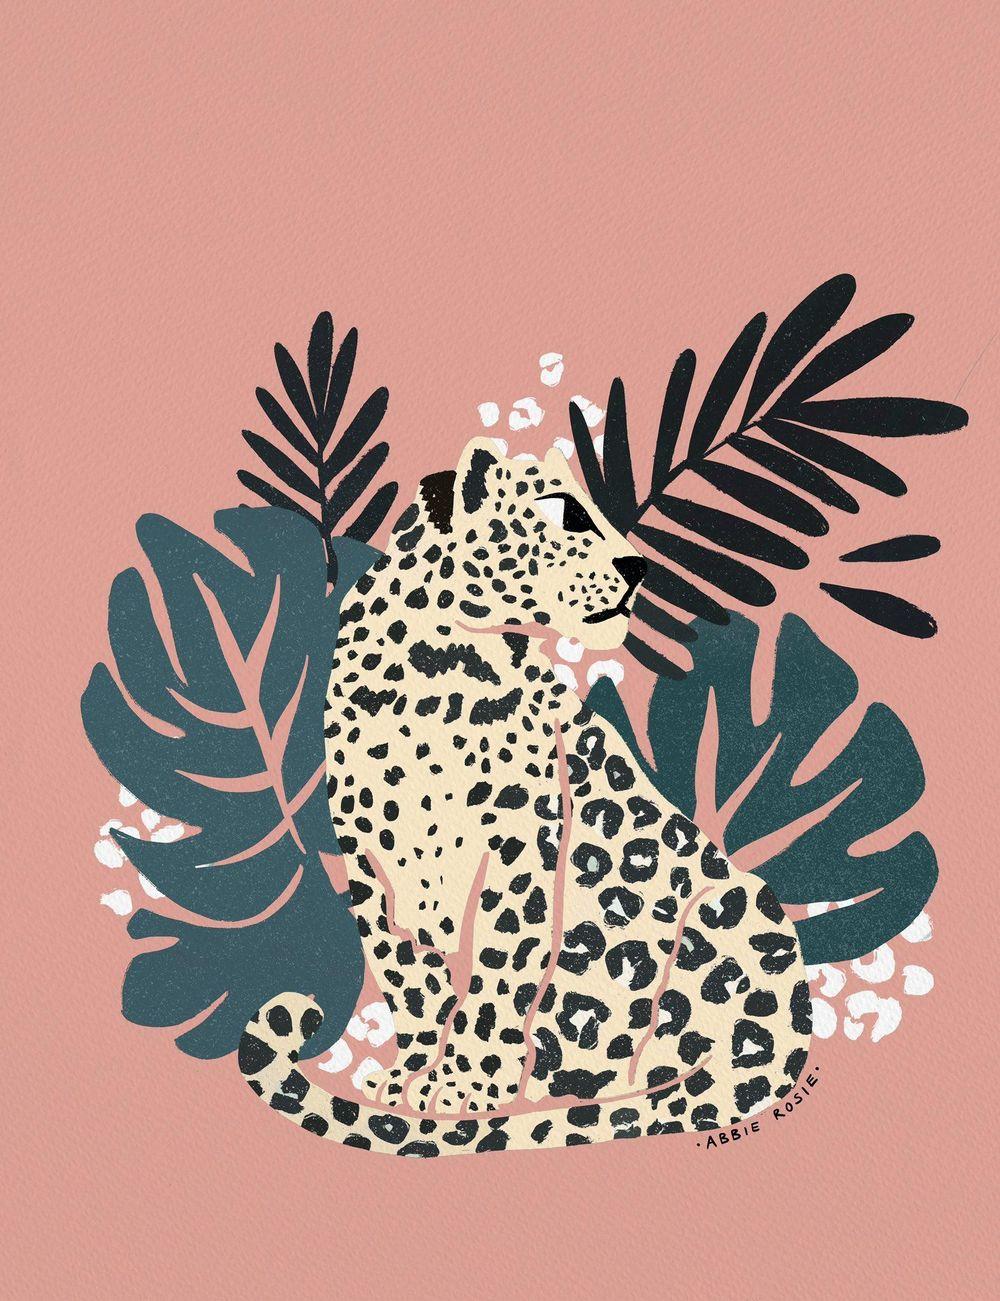 Tropical Jaguar - image 2 - student project